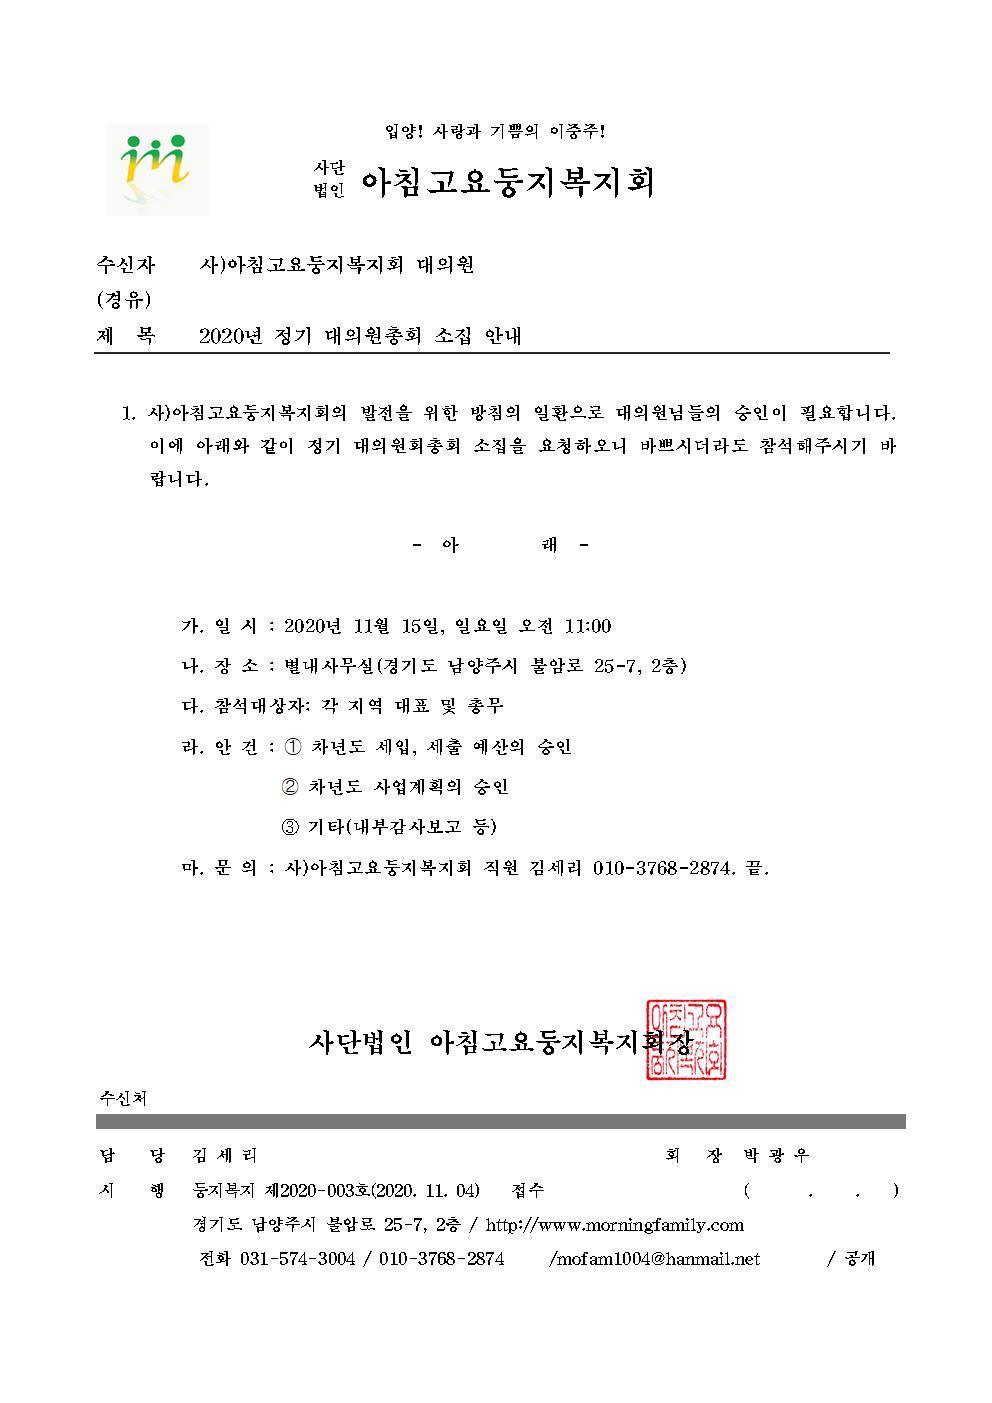 20-003.정기대의원총회 소집안내001.jpg